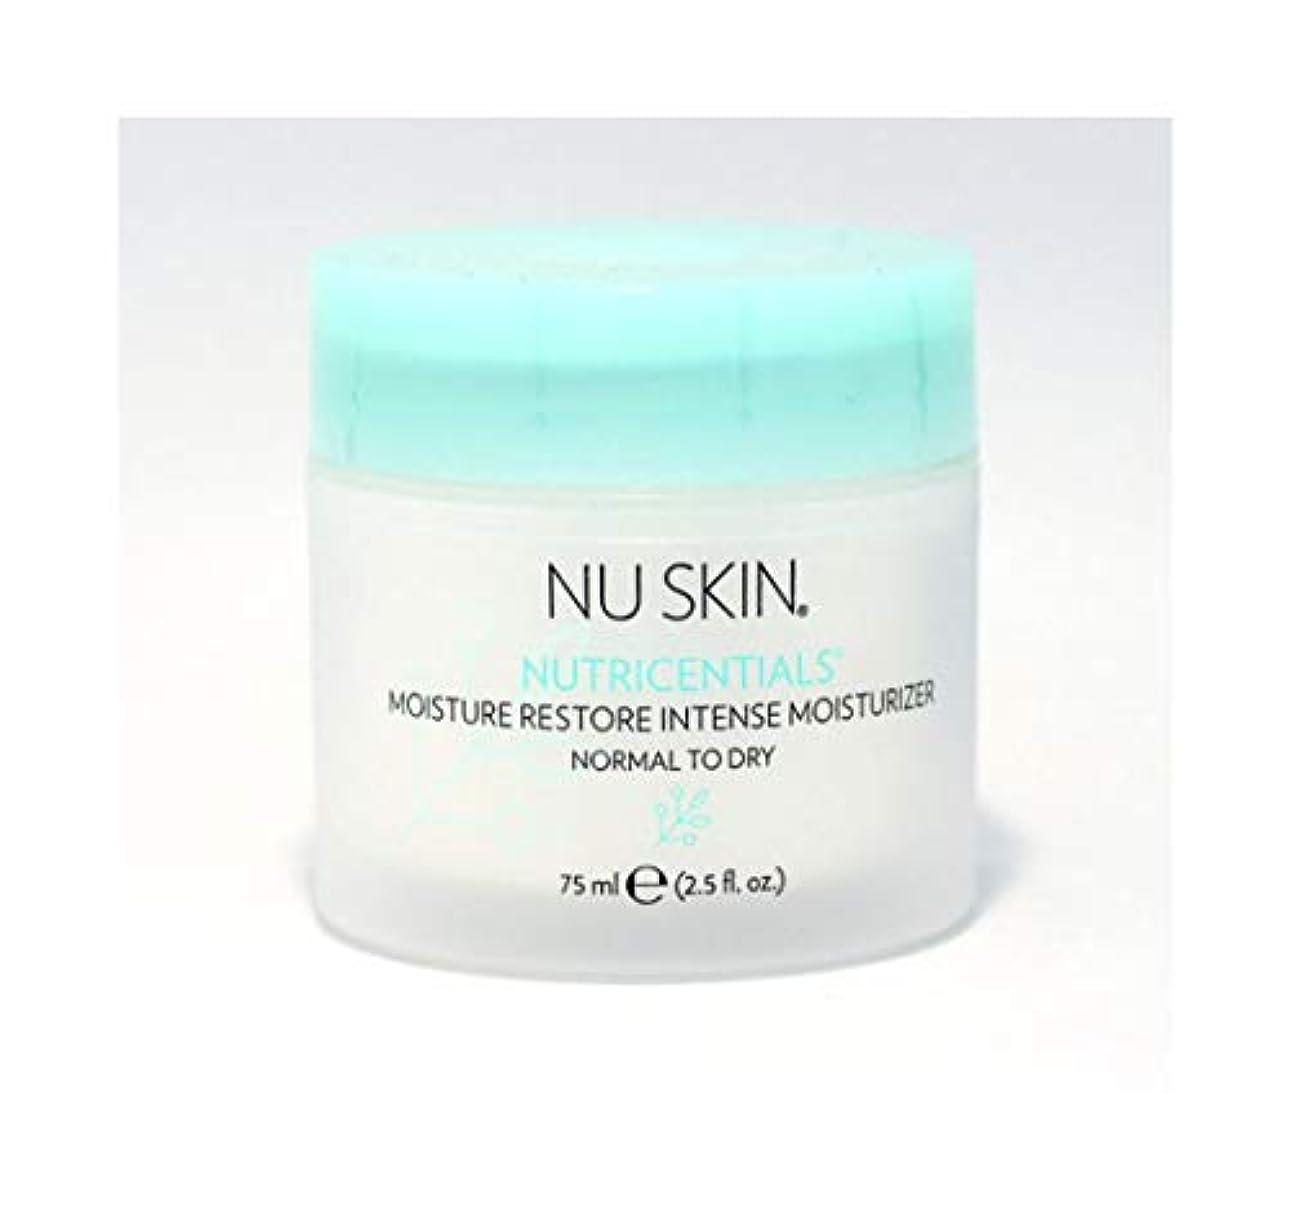 有名なバス深くニュースキン NU SKIN moisture restore intense moisturizer normal to dry 75ml リストアインテンスモイスチャライザー水分クリーム、リニューアル製品 【並行輸入品】